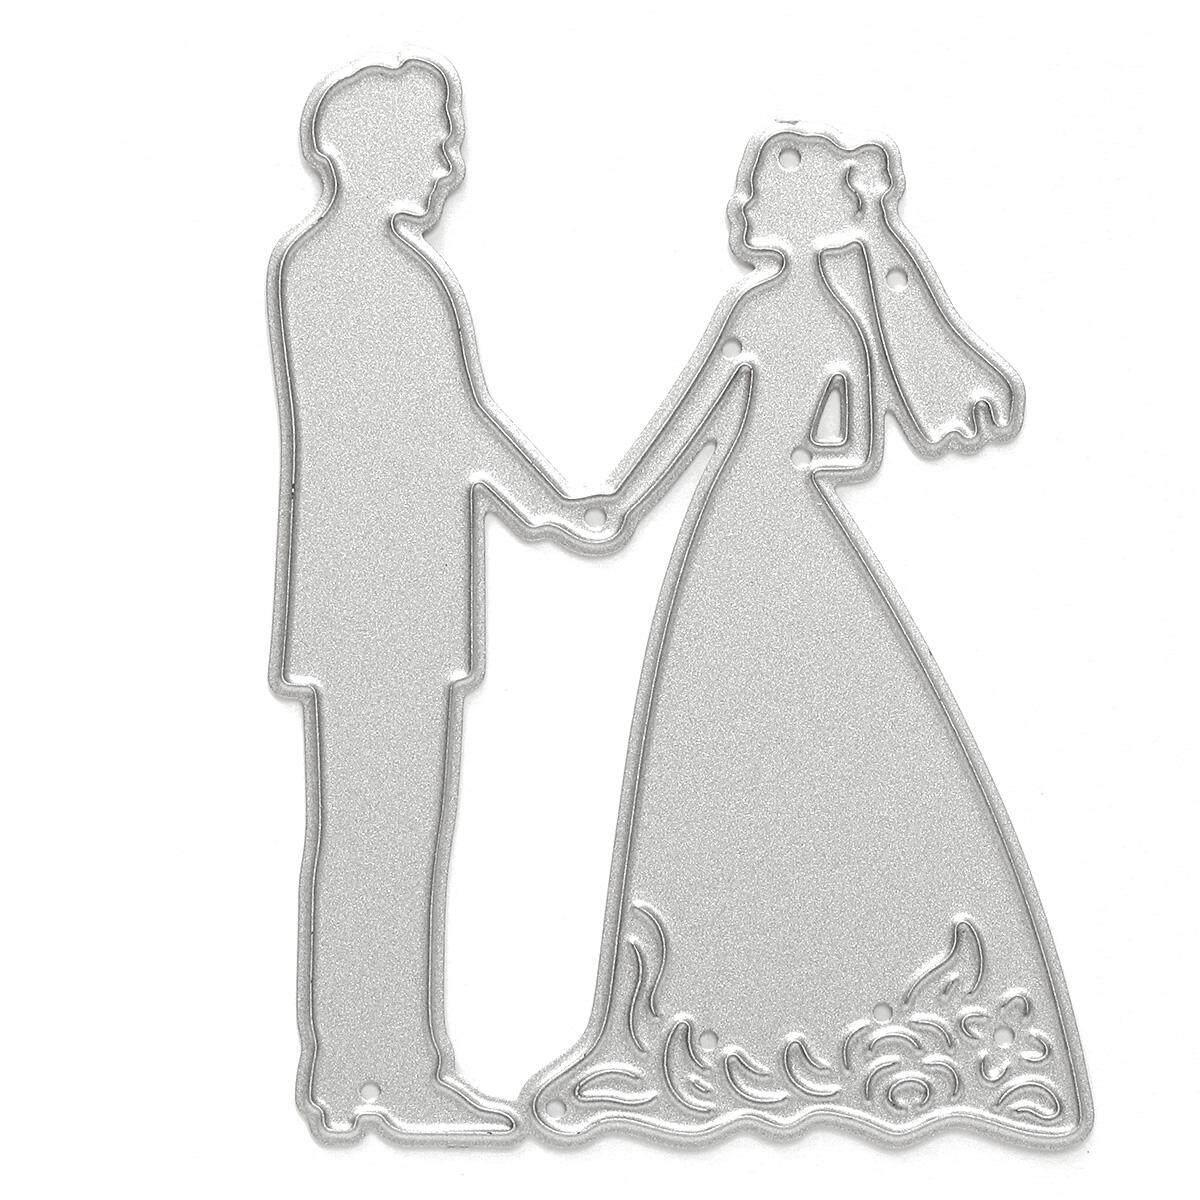 Cinta Potongan Logam Contoh Scrapbooking DIY Hiasan Album Kertas Kartu Dekorasi Pernikahan-Intl